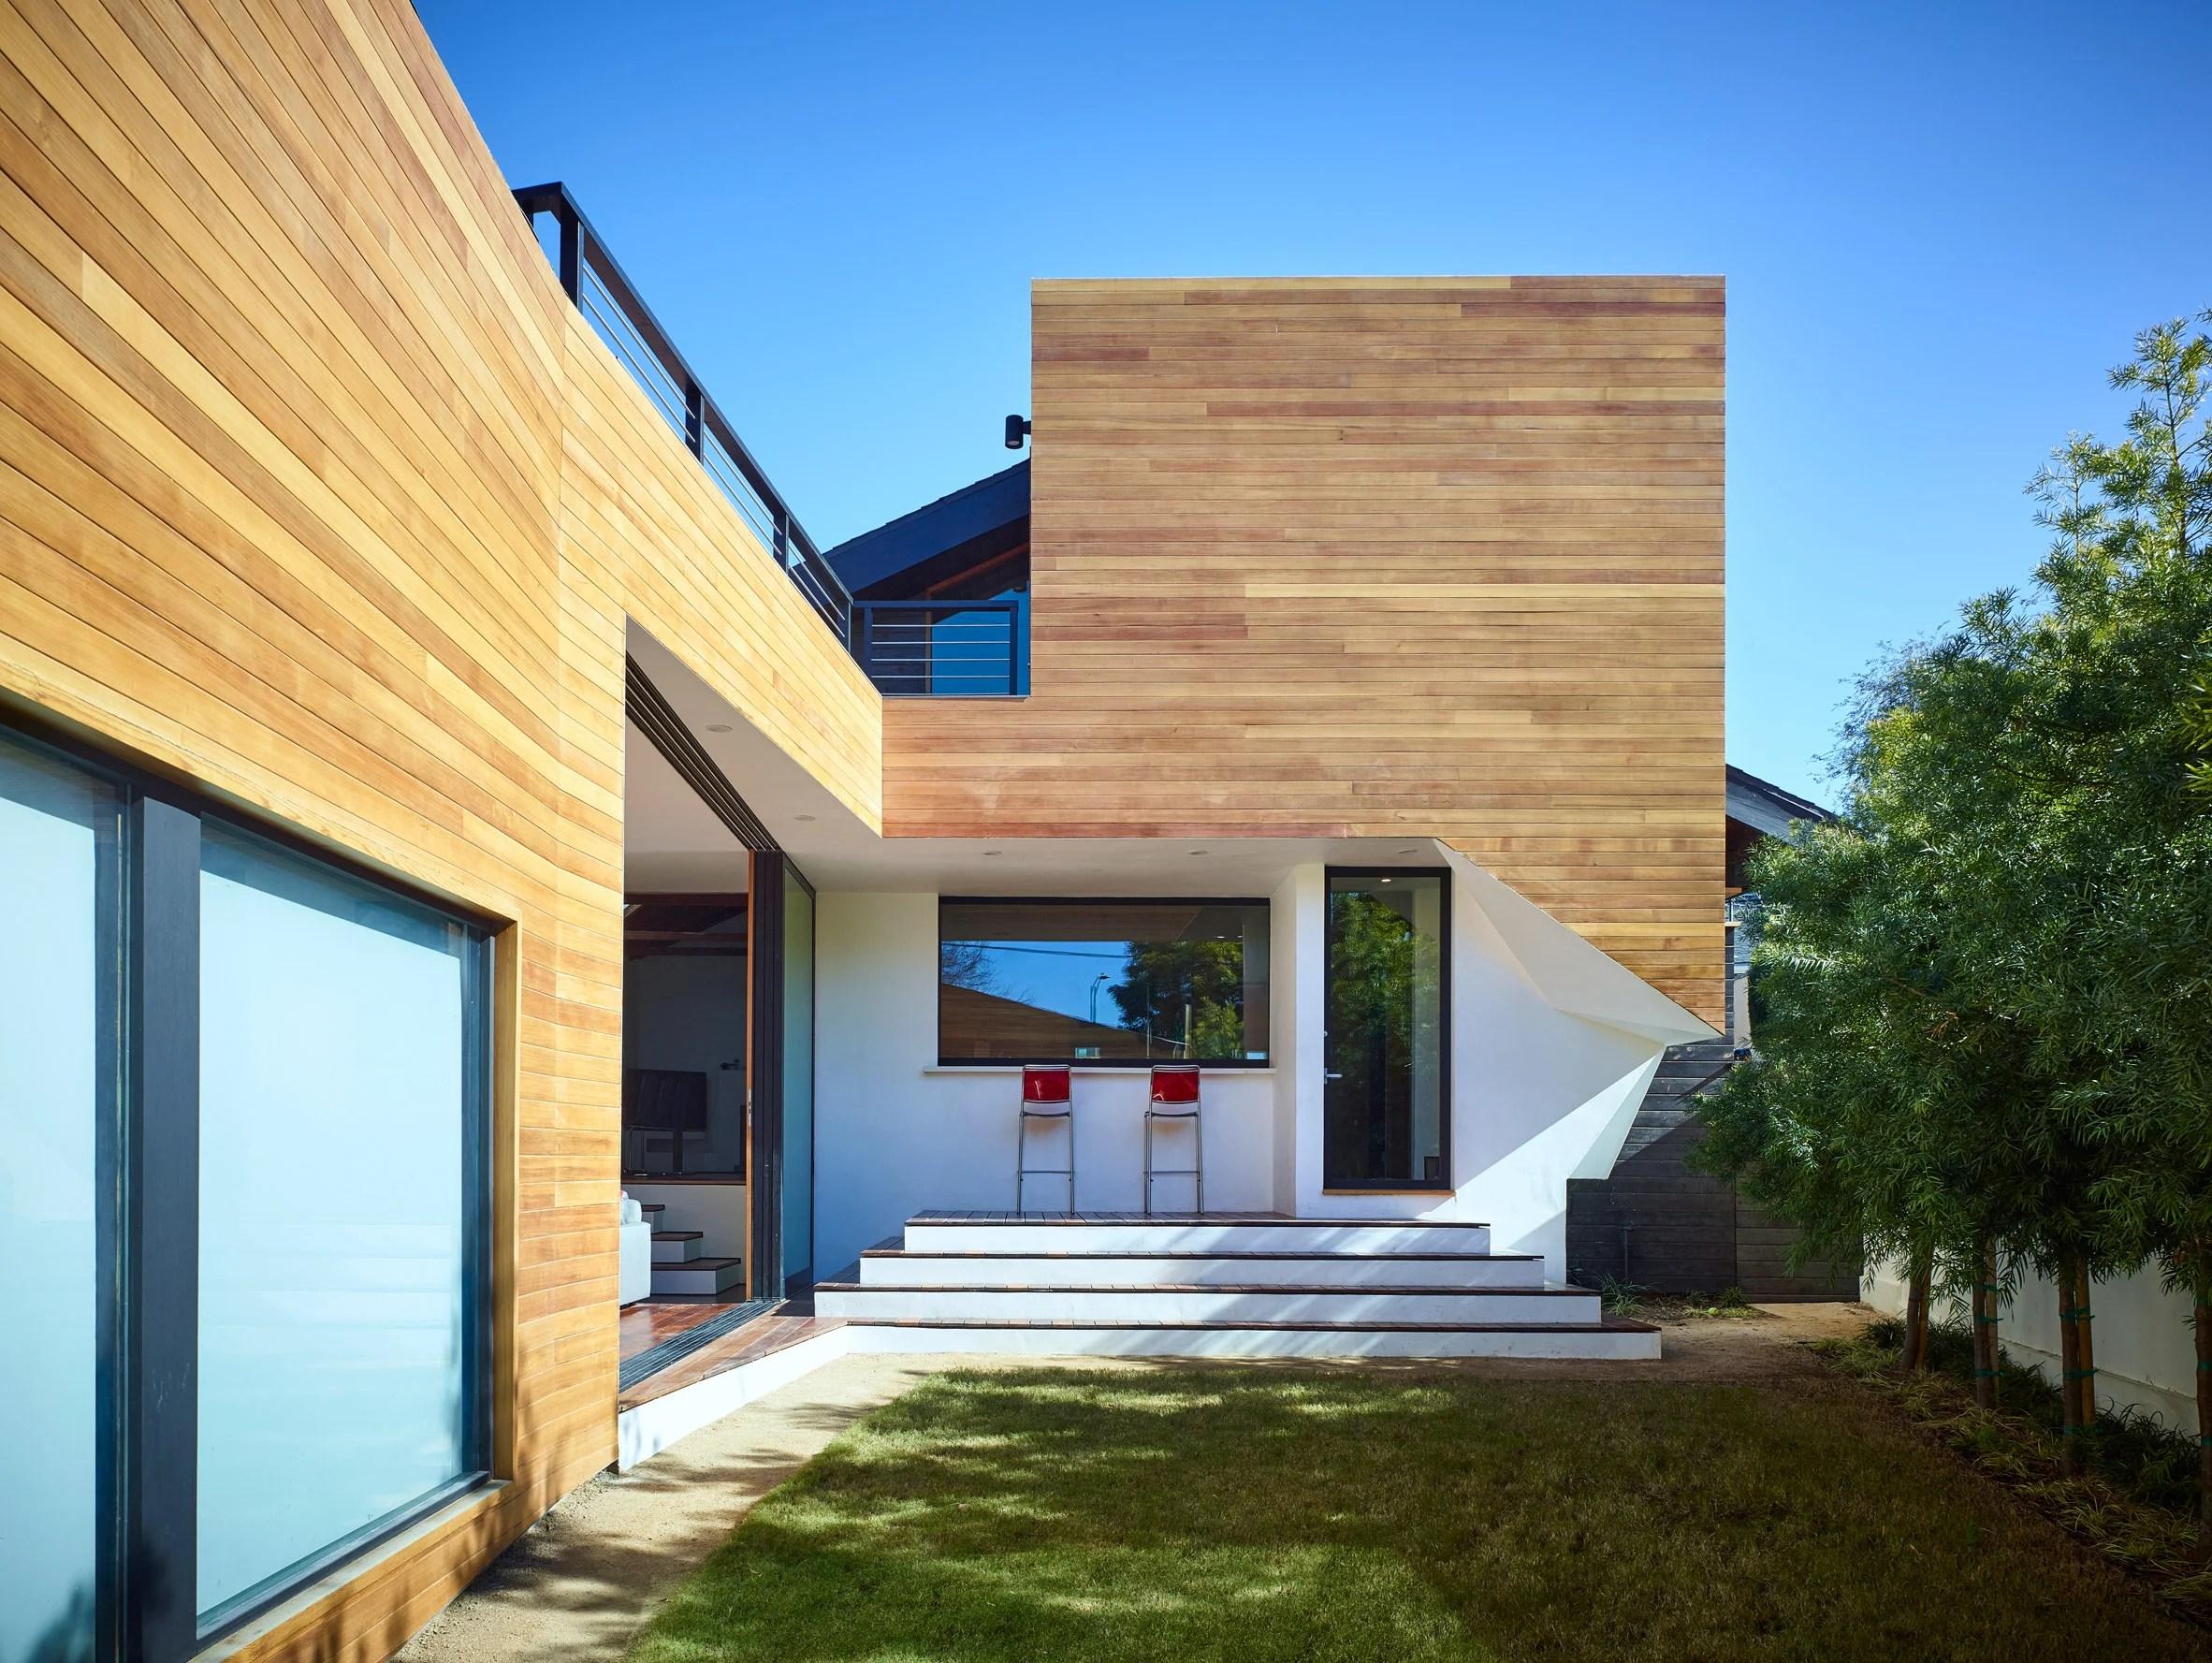 Fenlon House by Martin Fenlon Architecture